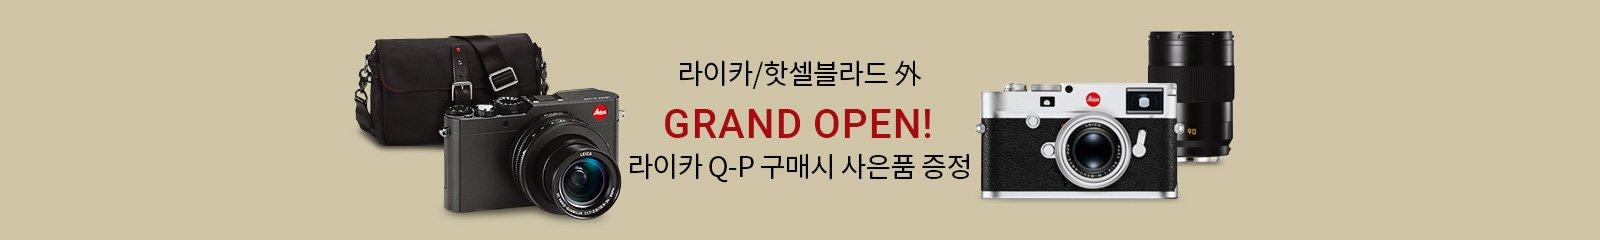 라이카 Grand Open